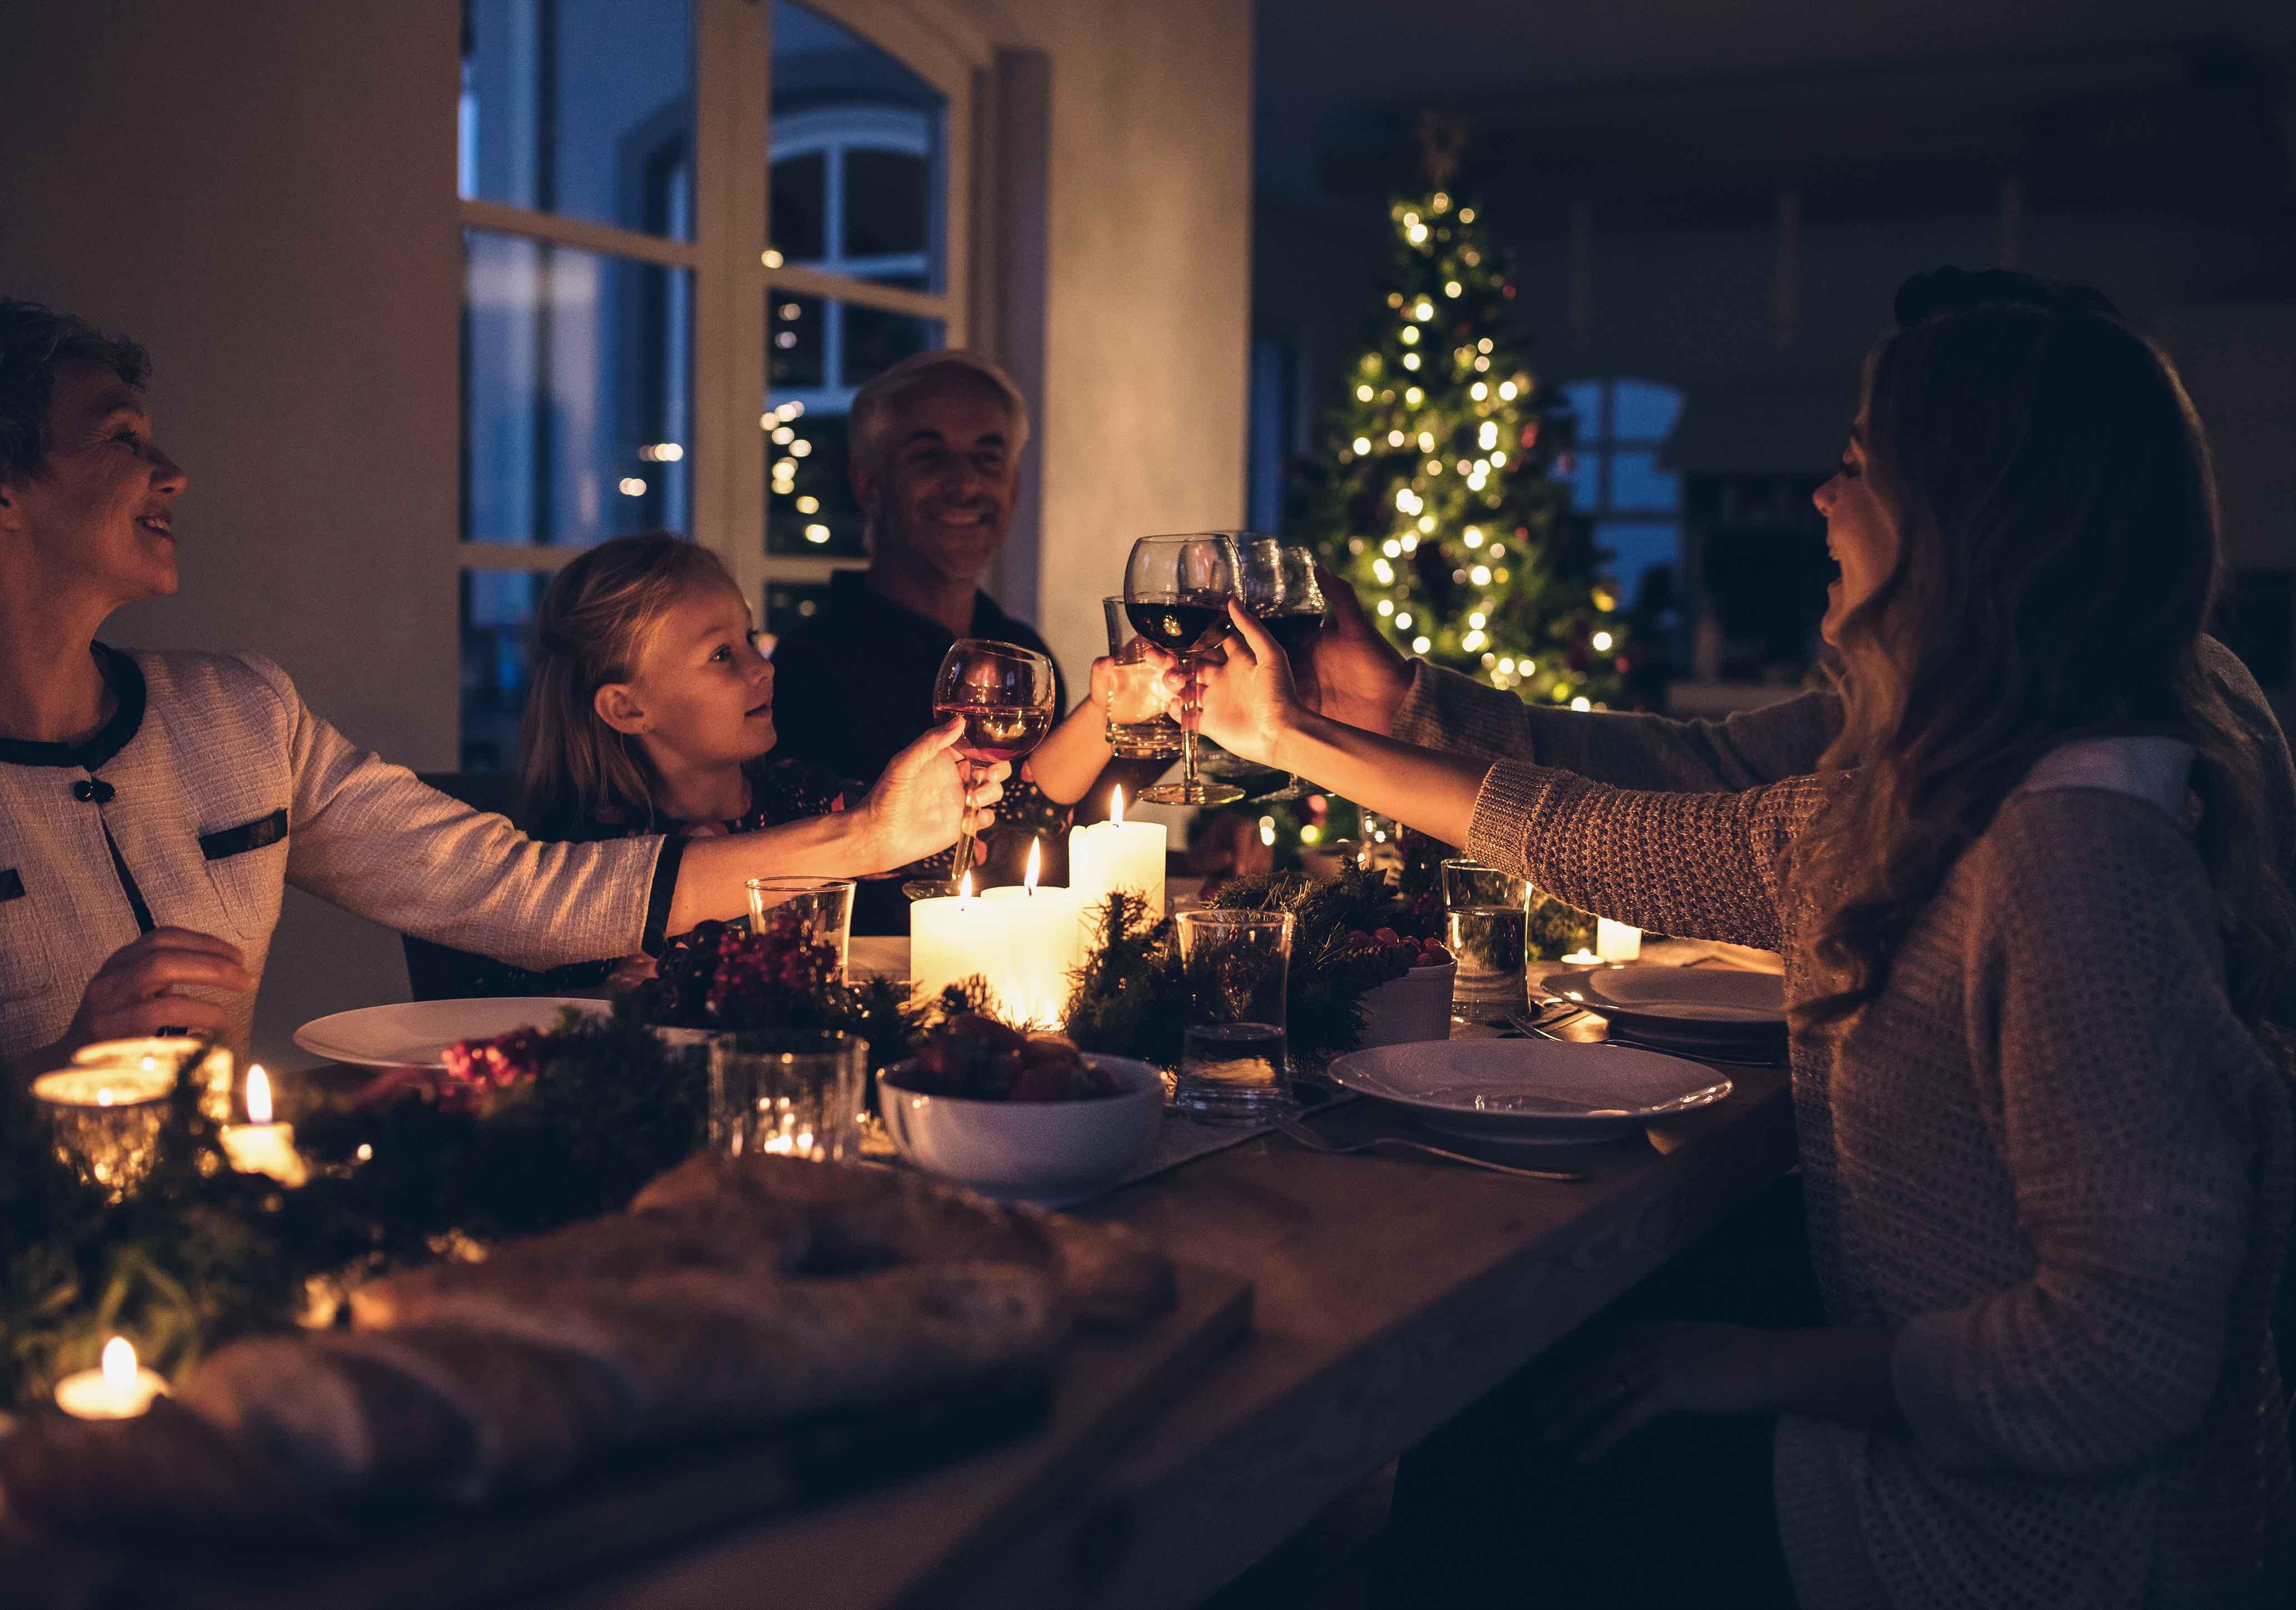 Familie beim Weihnachtsessen